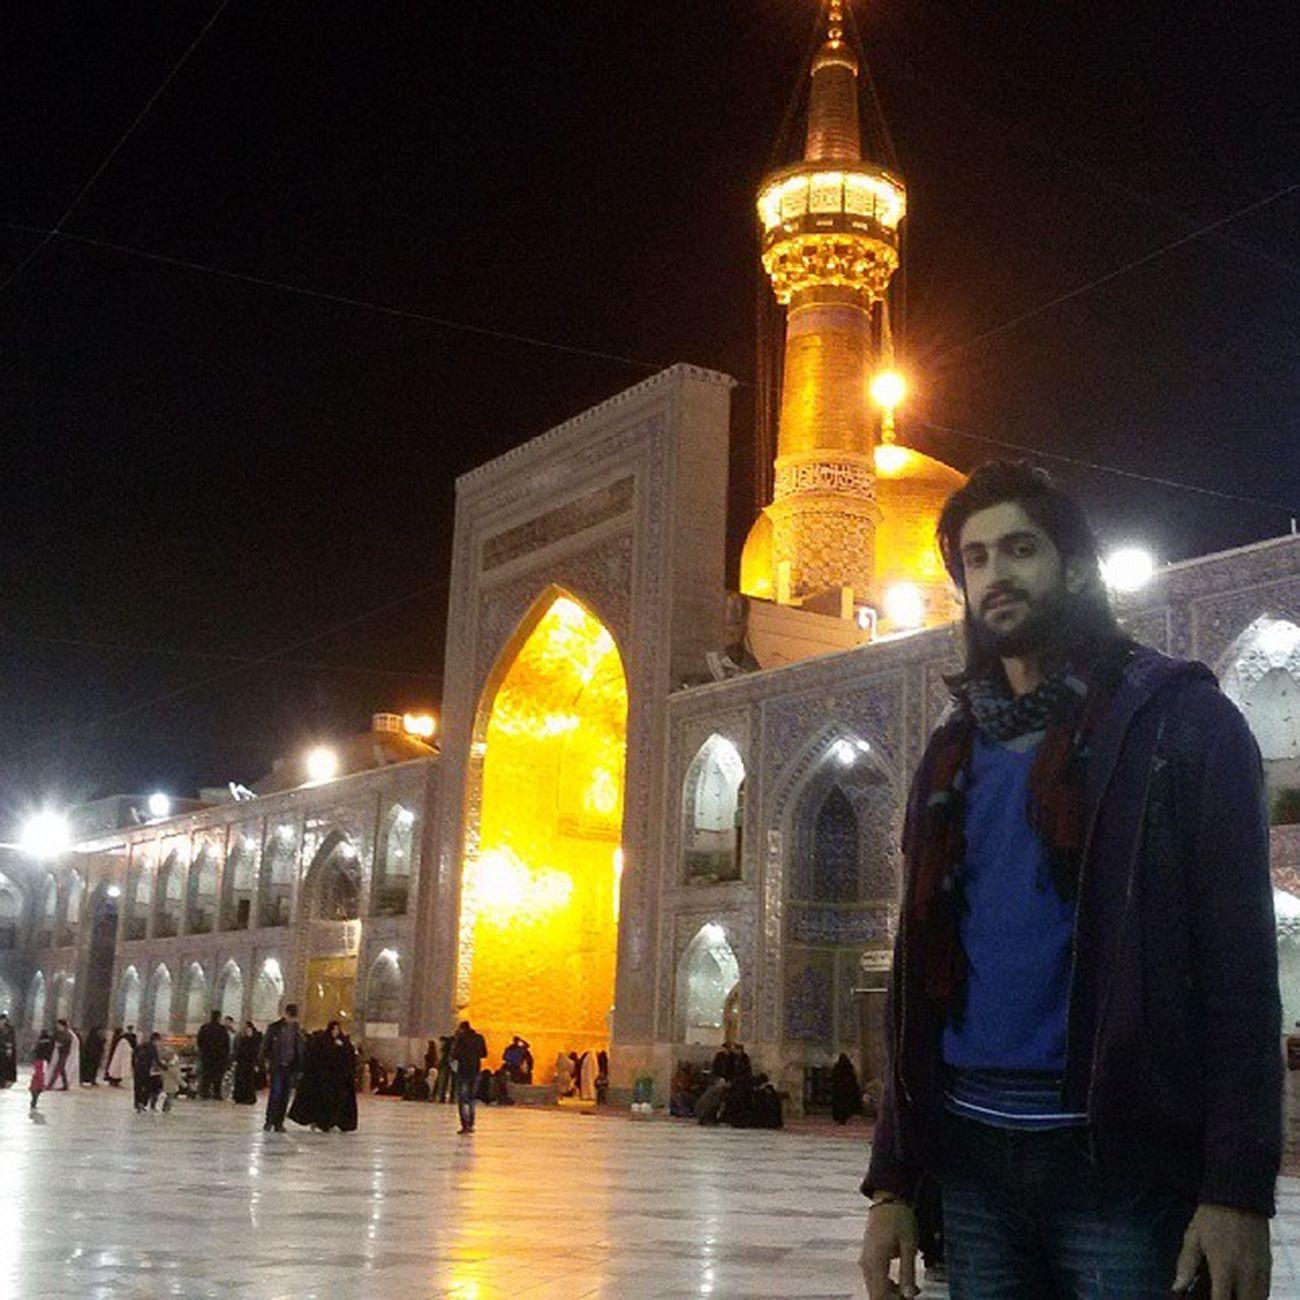 Iran ♡ Mashhad ♡ Holyshrine ^^ Imamriza riza imamali ♡